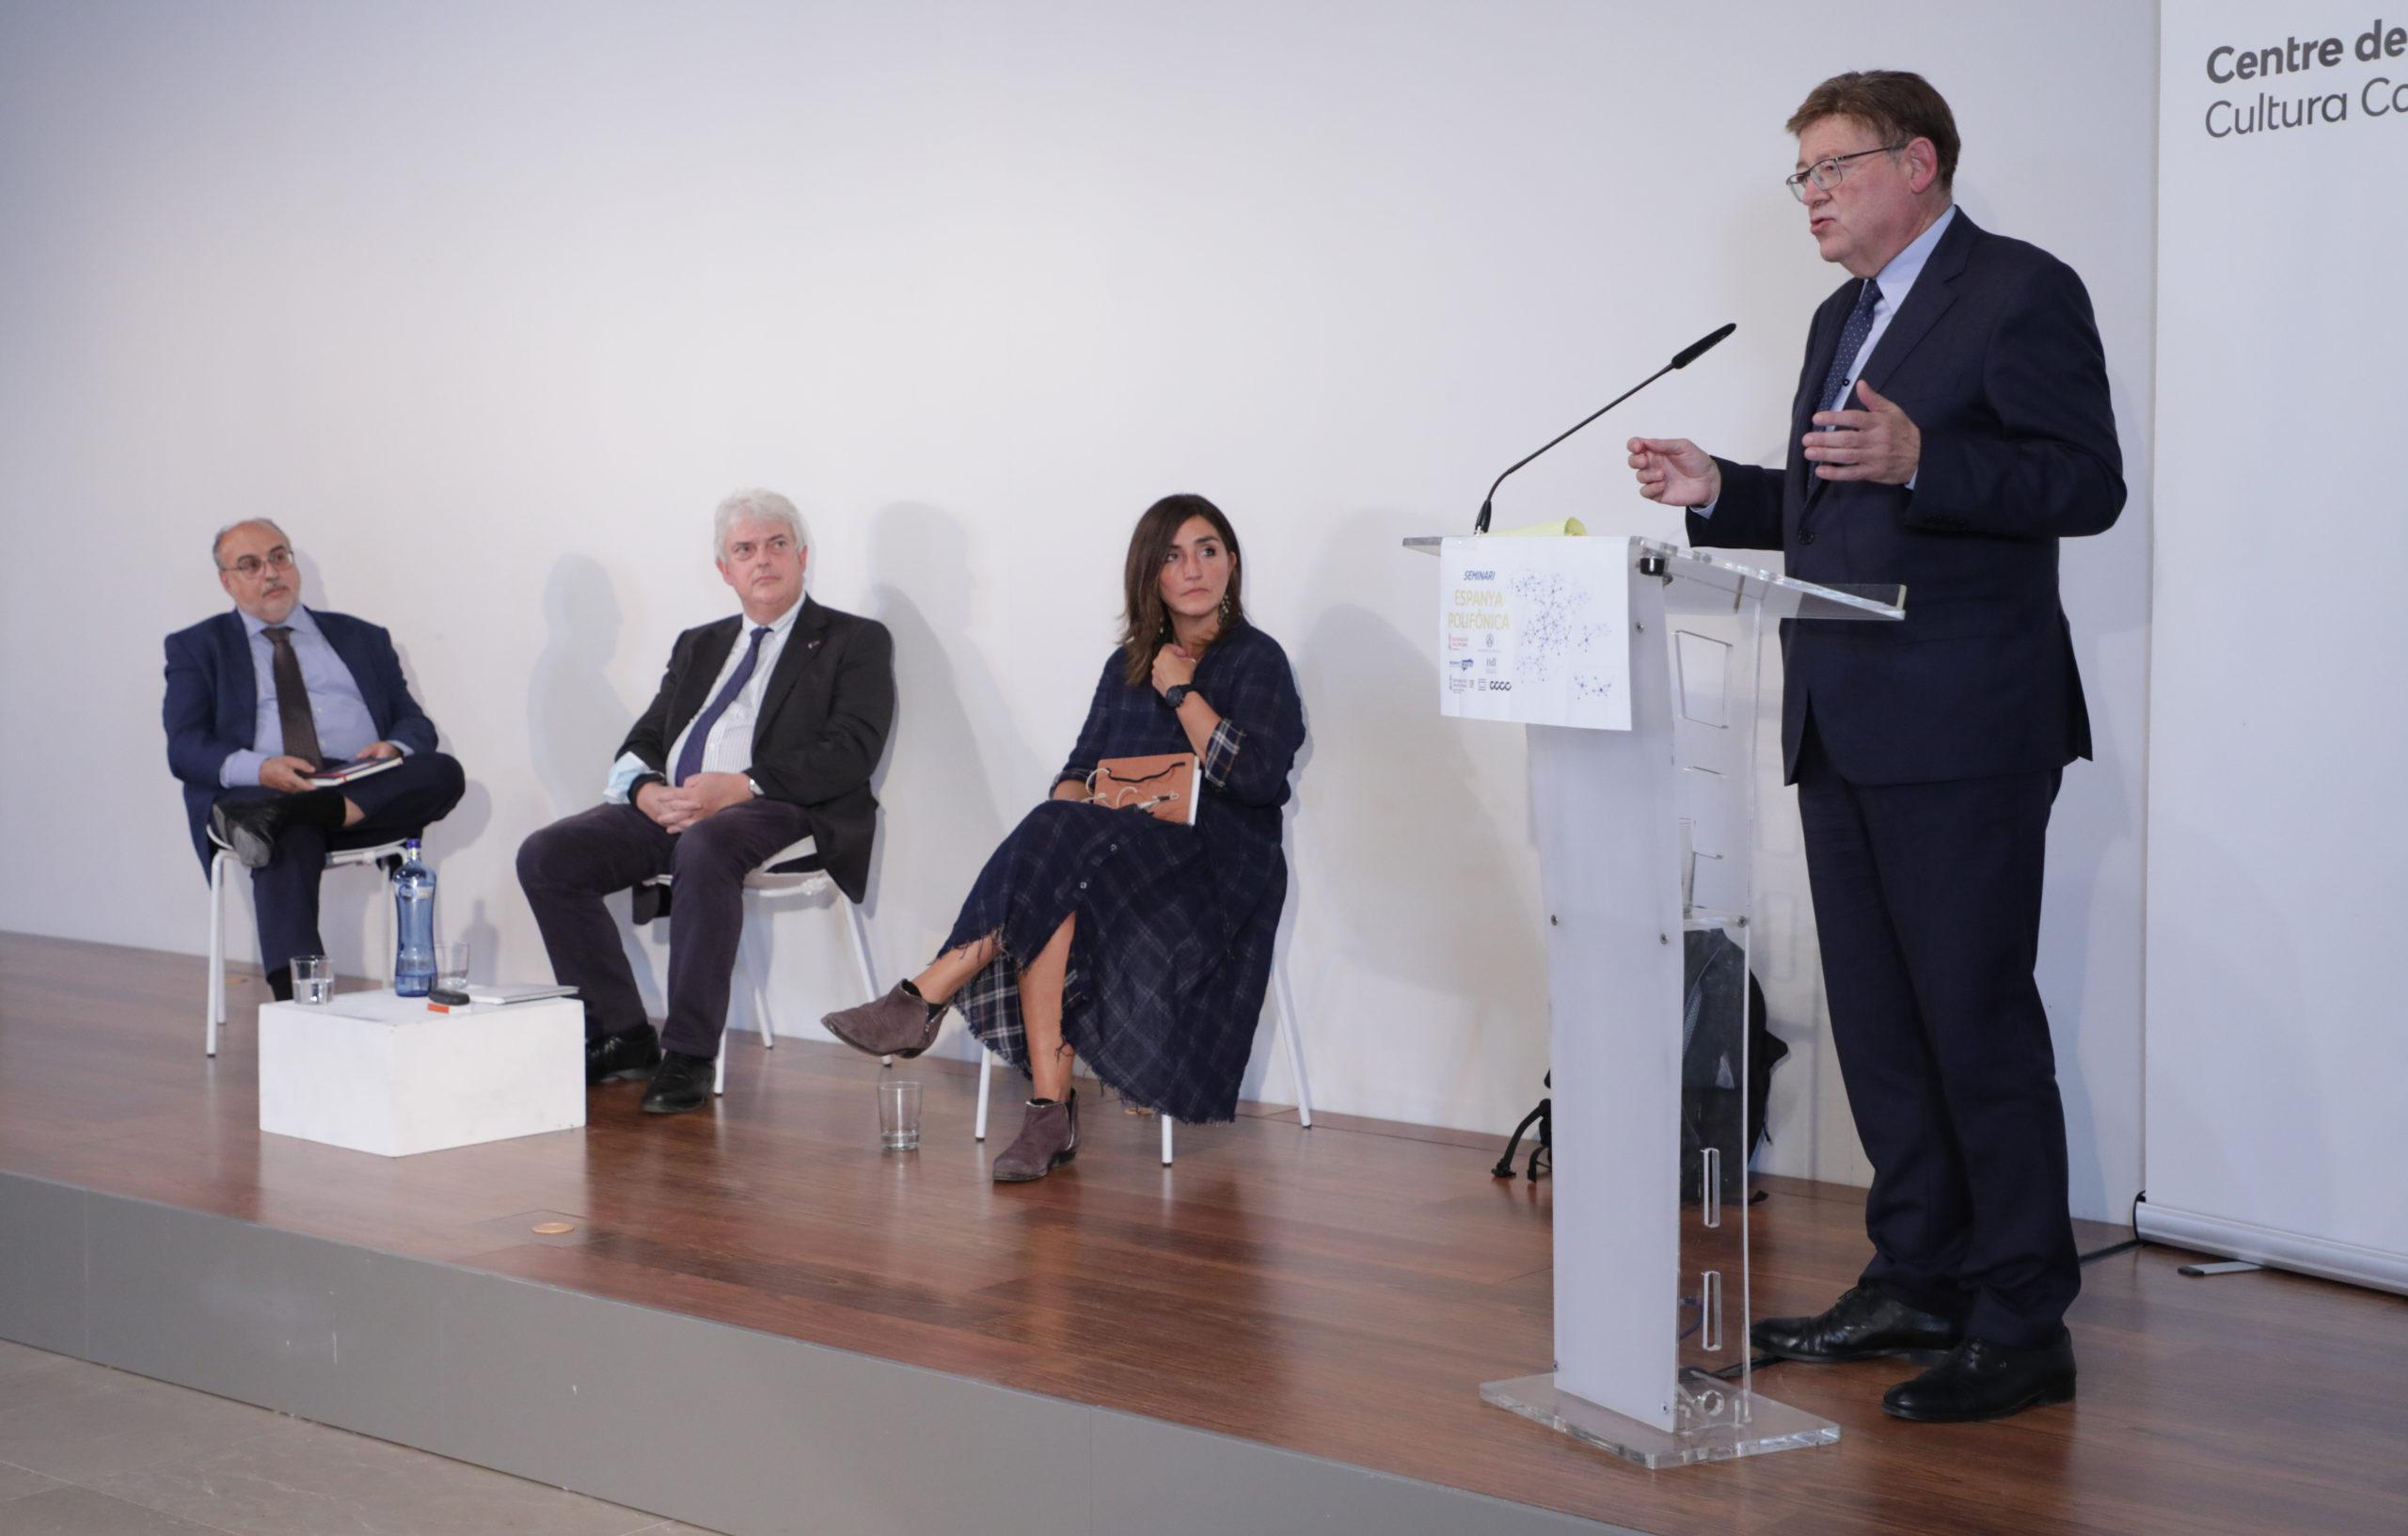 Ximo Puig apuesta por descentralizar las instituciones del Estado y «redibujar» el mapa de las infraestructuras para hacer realidad una España «policéntrica»